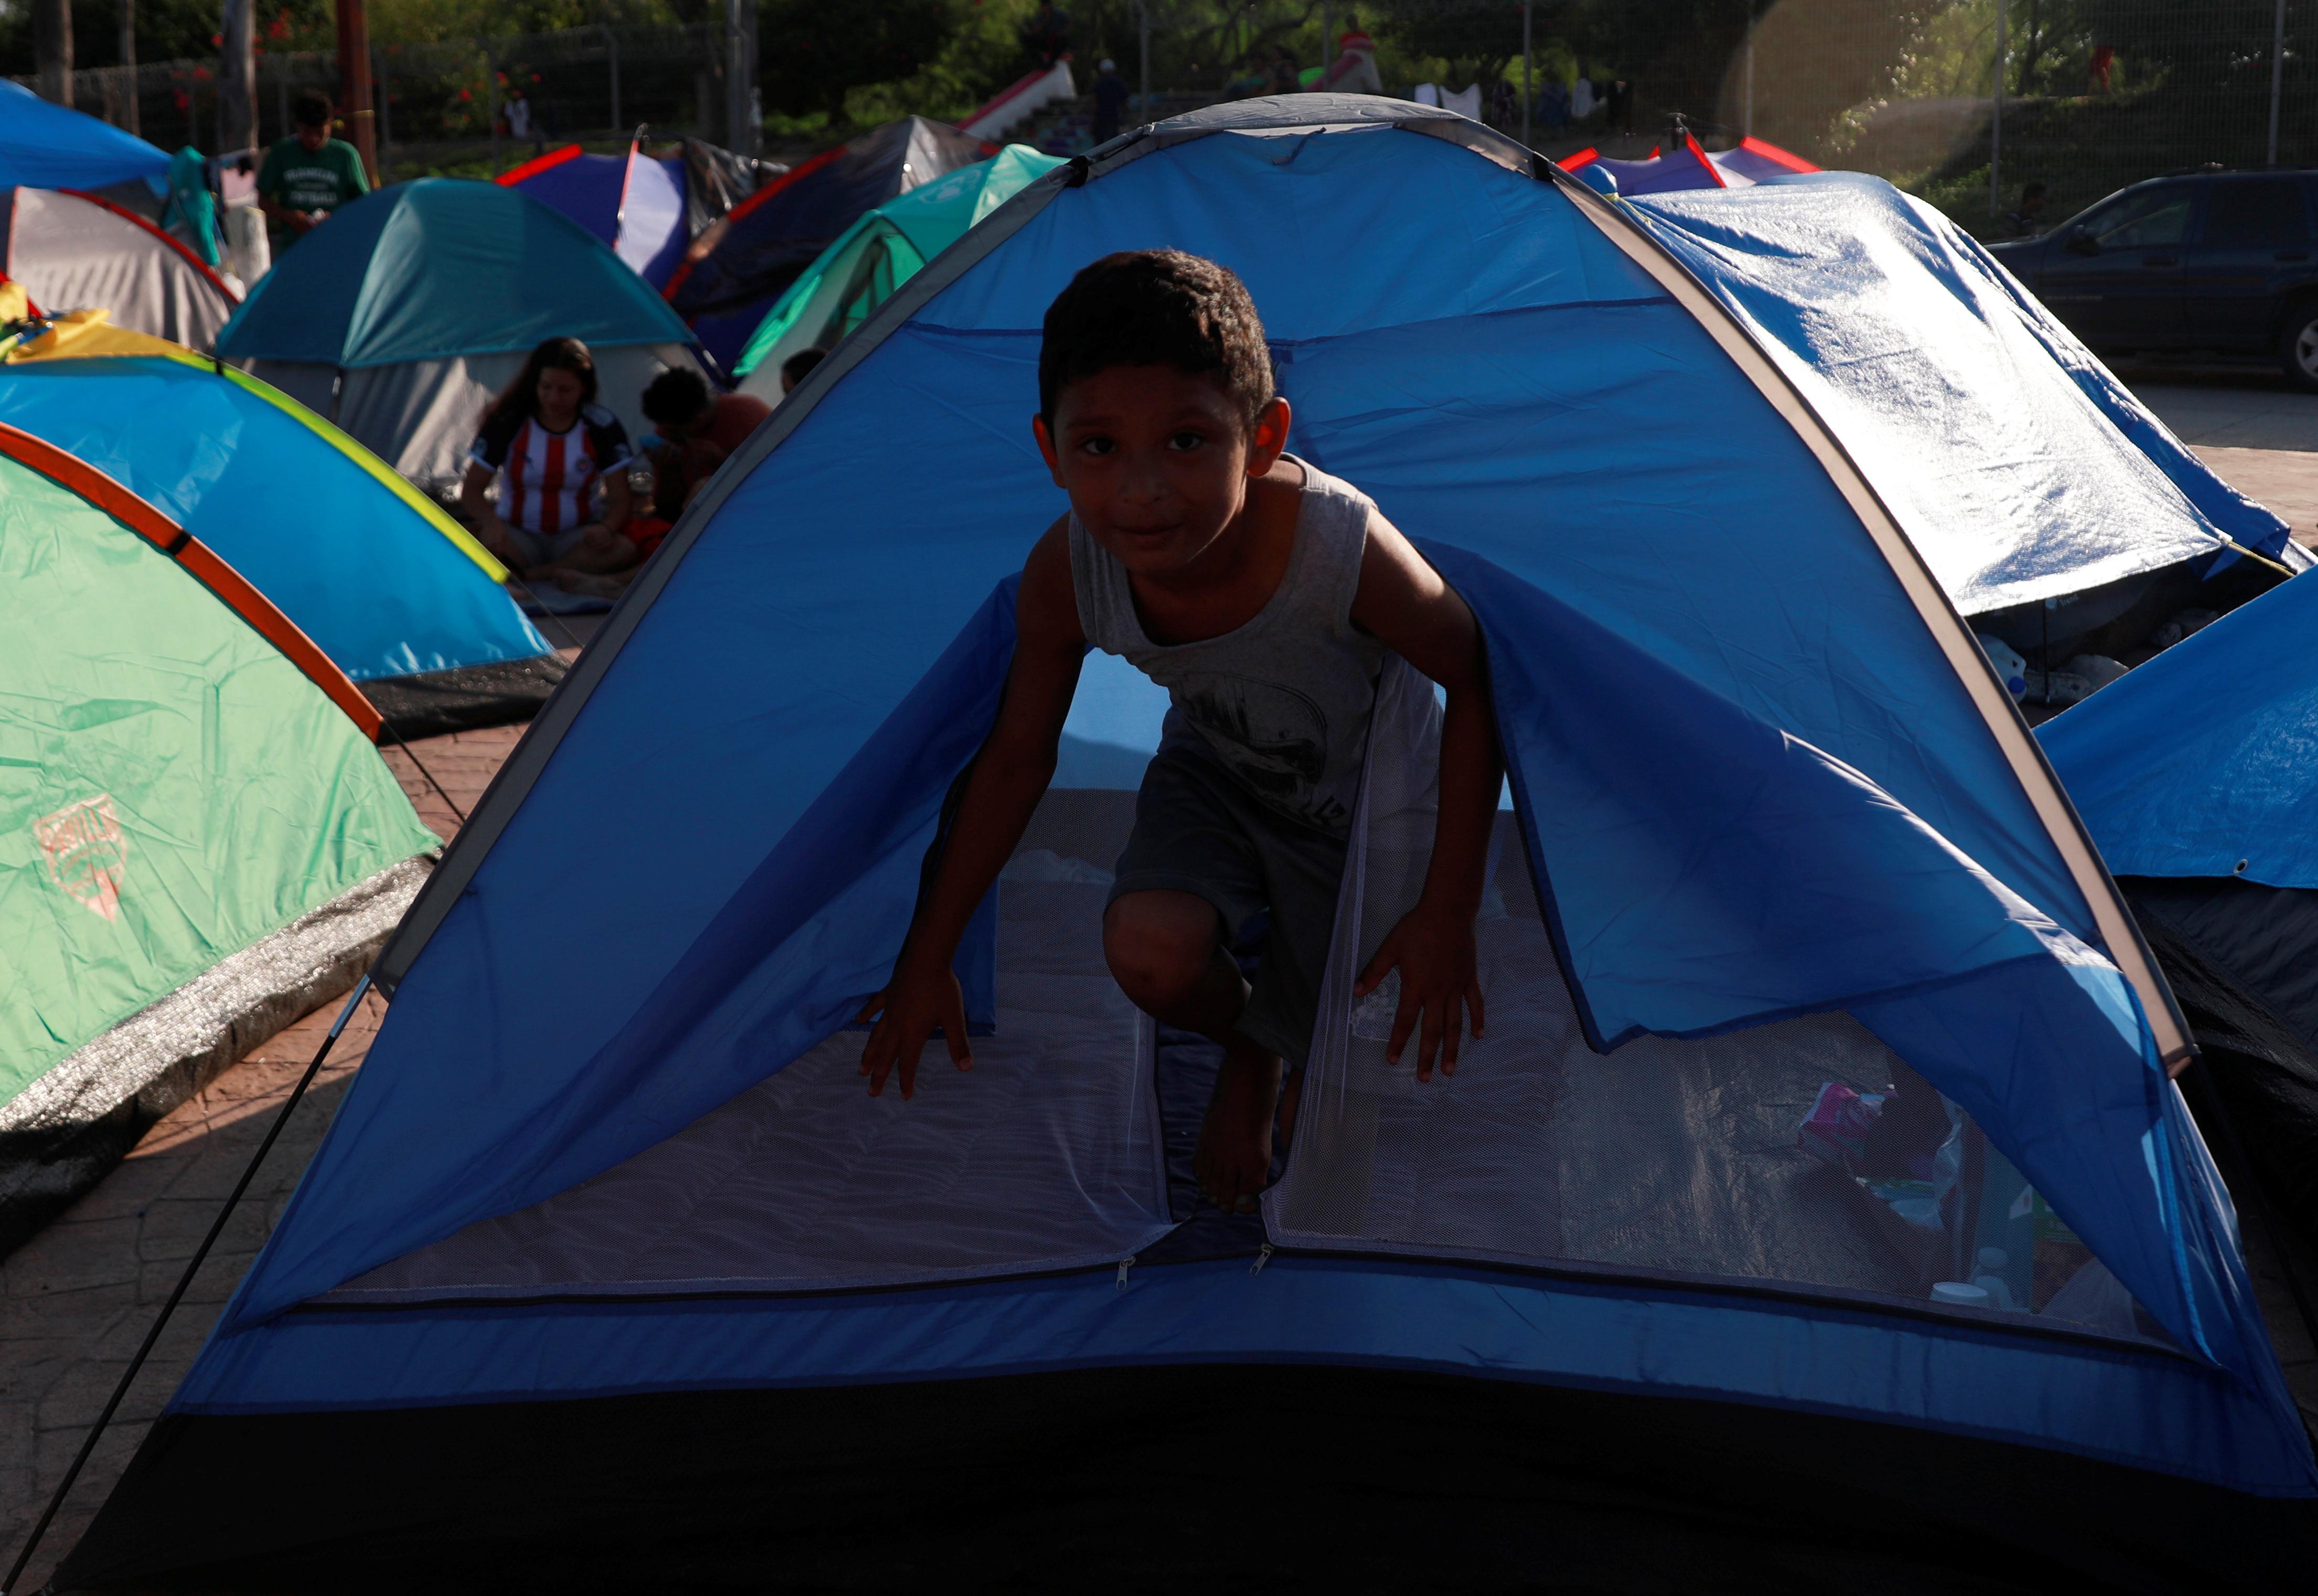 Συμπονούν τους πρόσφυγες από... μακριά οι Έλληνες - «Οι μετανάστες κάνουν κακό στη χώρα» πιστεύει η πλειοψηφία